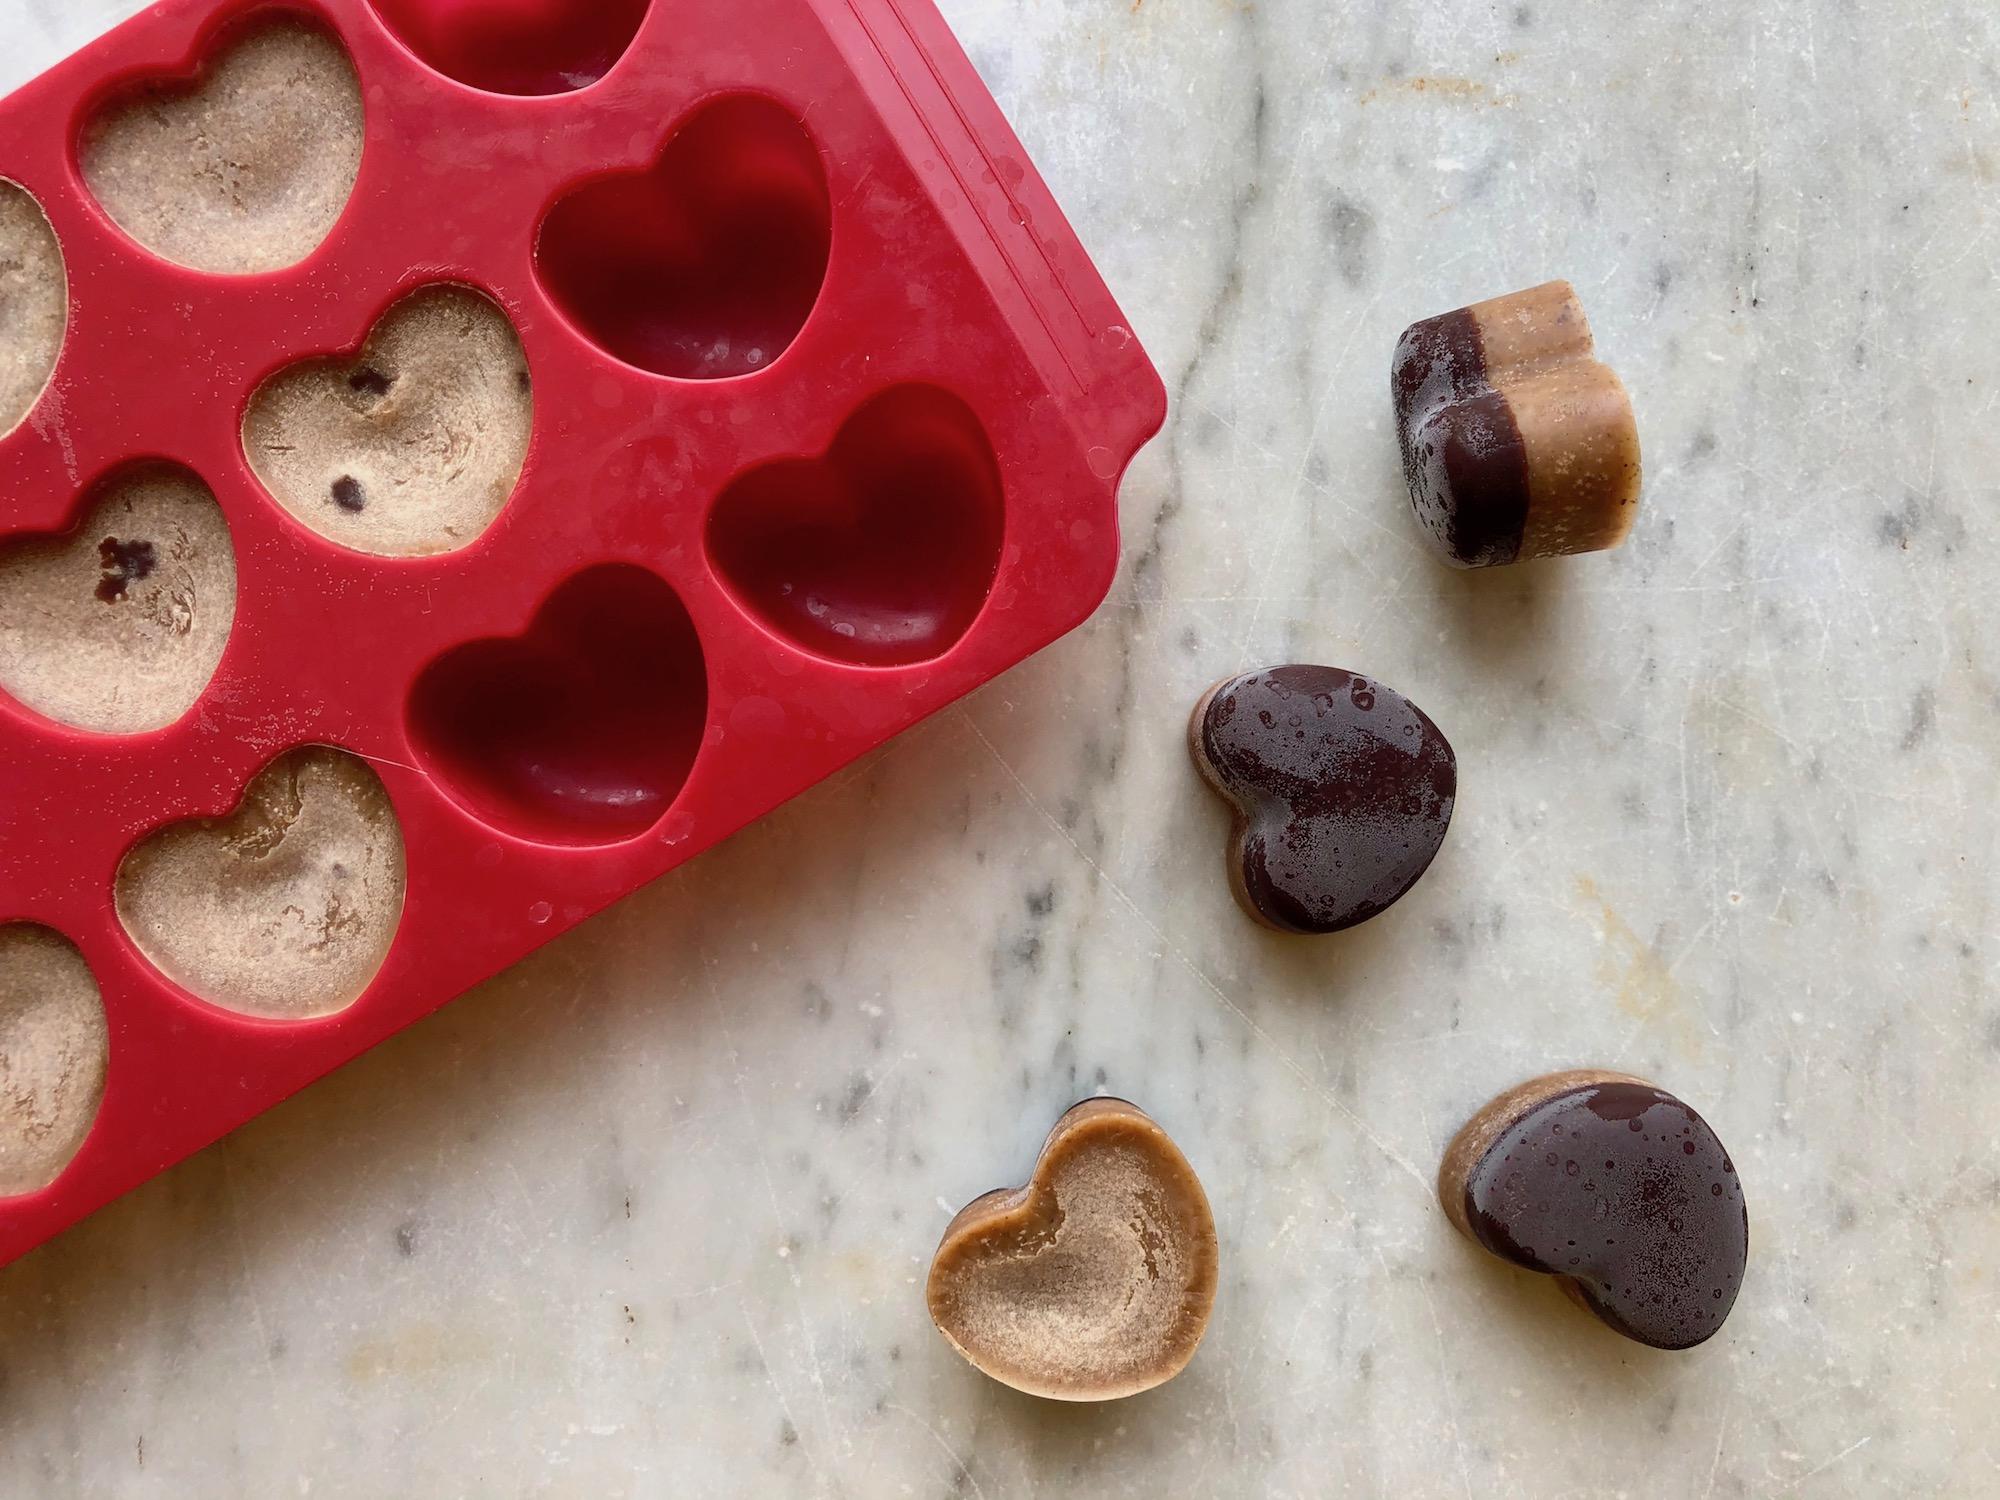 Hjärtliga praliner som lossas från en silikonform